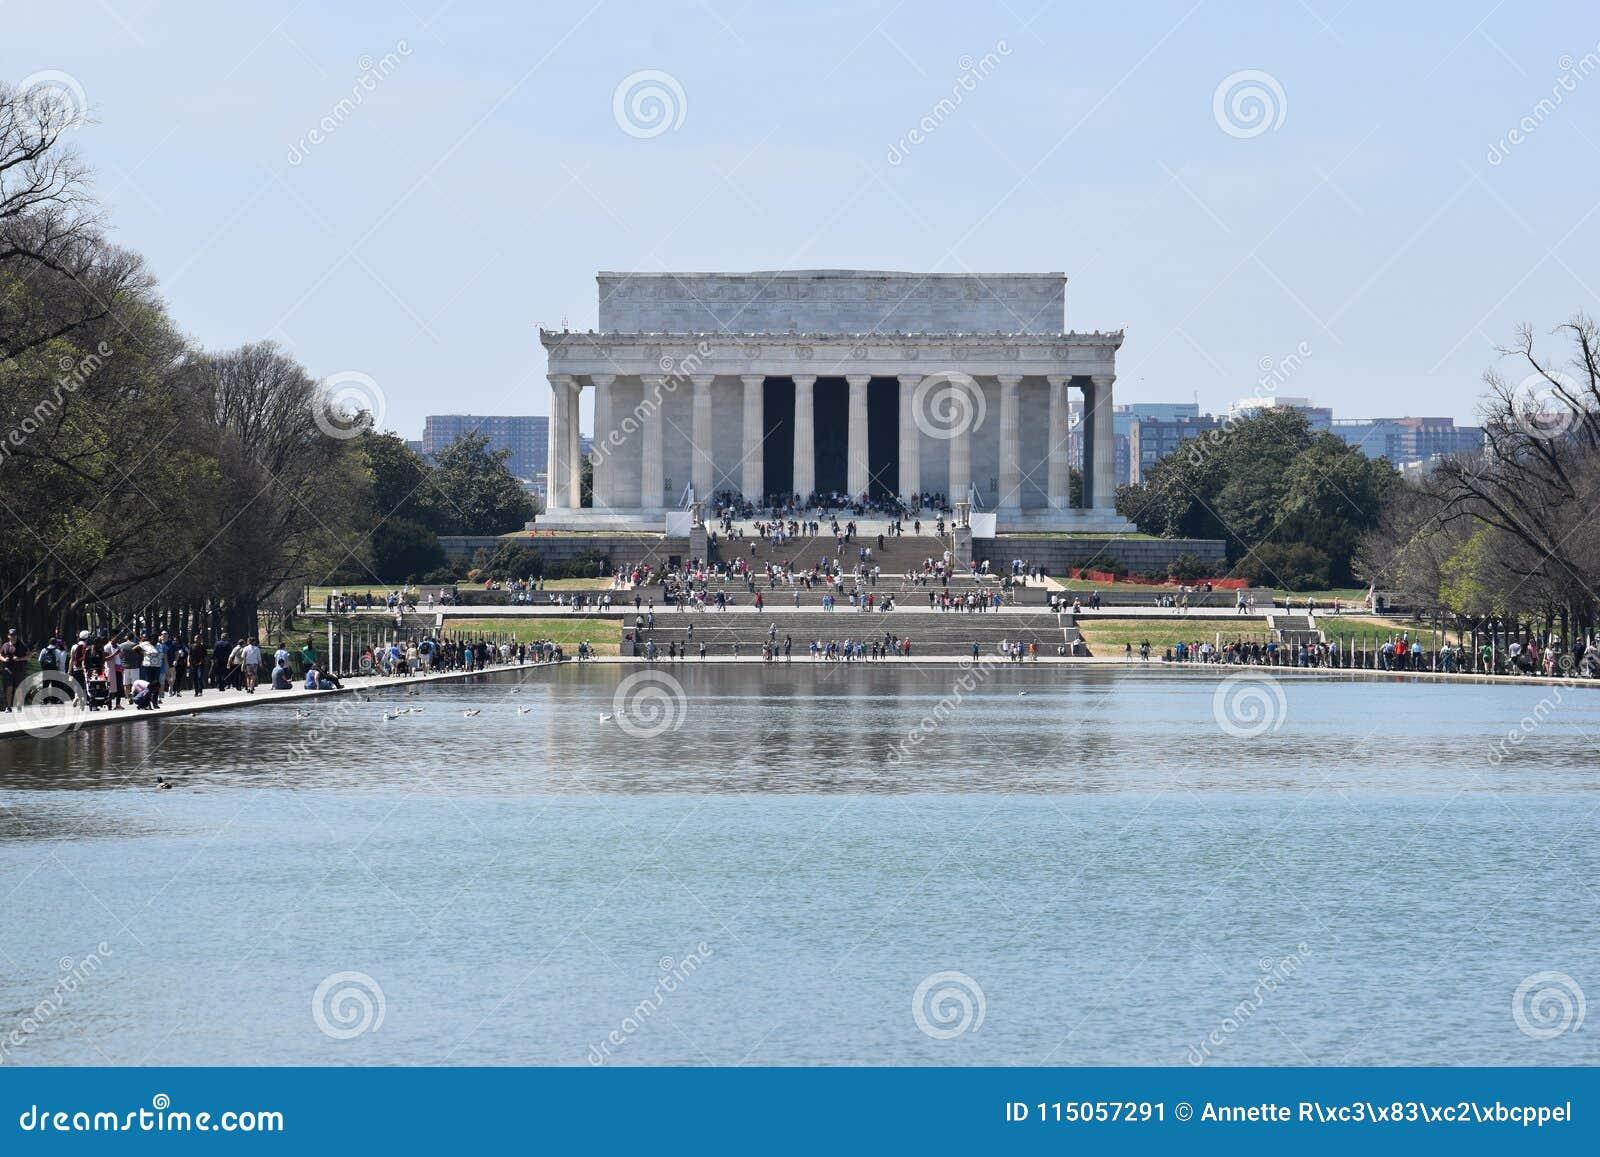 Lincoln Memorial célèbre sur Lincoln Memorial Reflecting Pool aux Etats-Unis